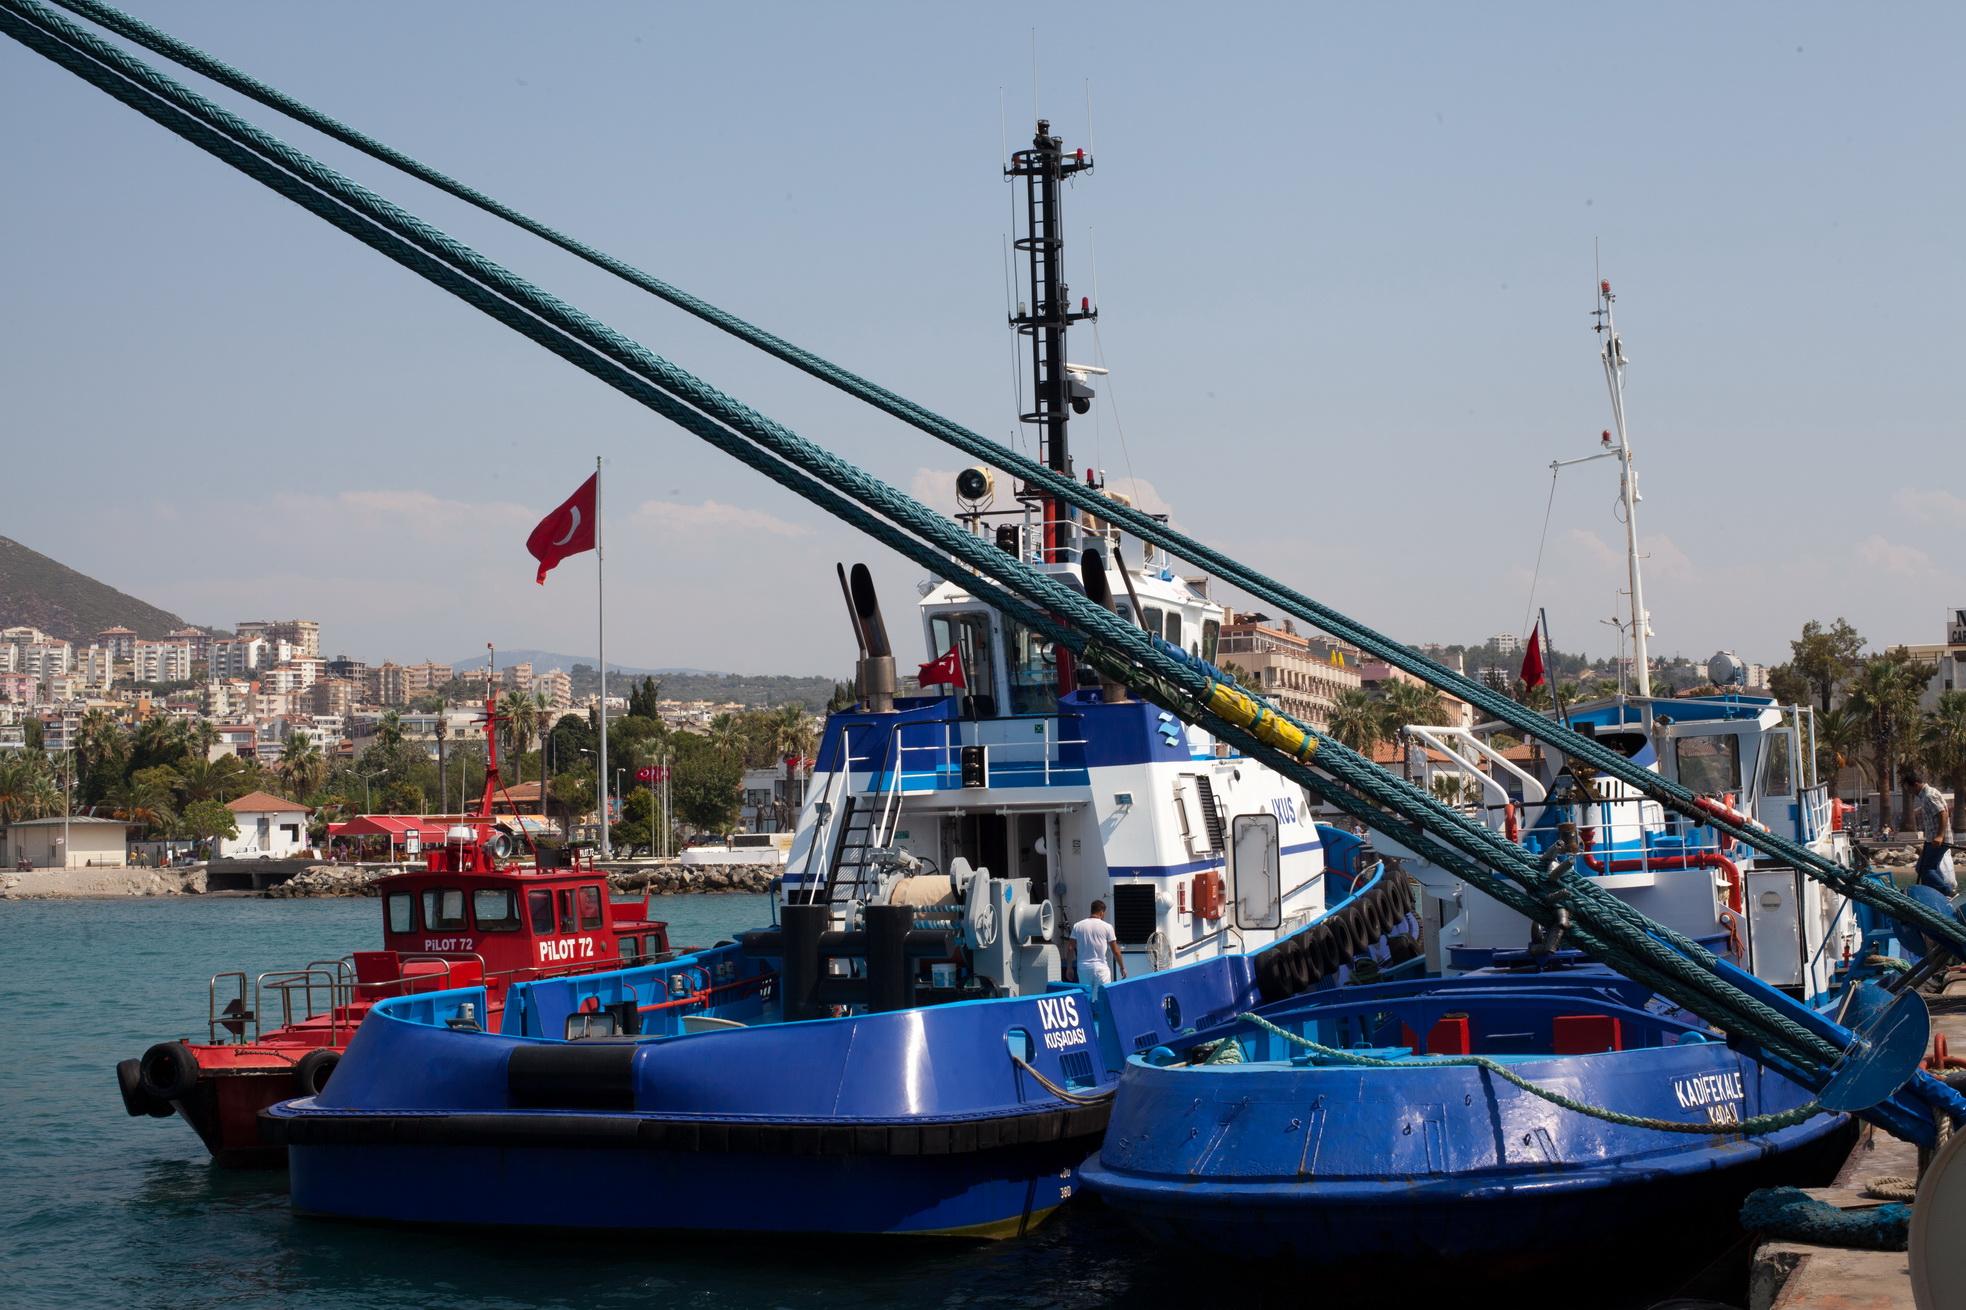 Tugboat Ixus IMO 9417878 Tugboat Kadifekale IMO 7022849 Kusadasi Liman Harbor Aegean Turkey 01